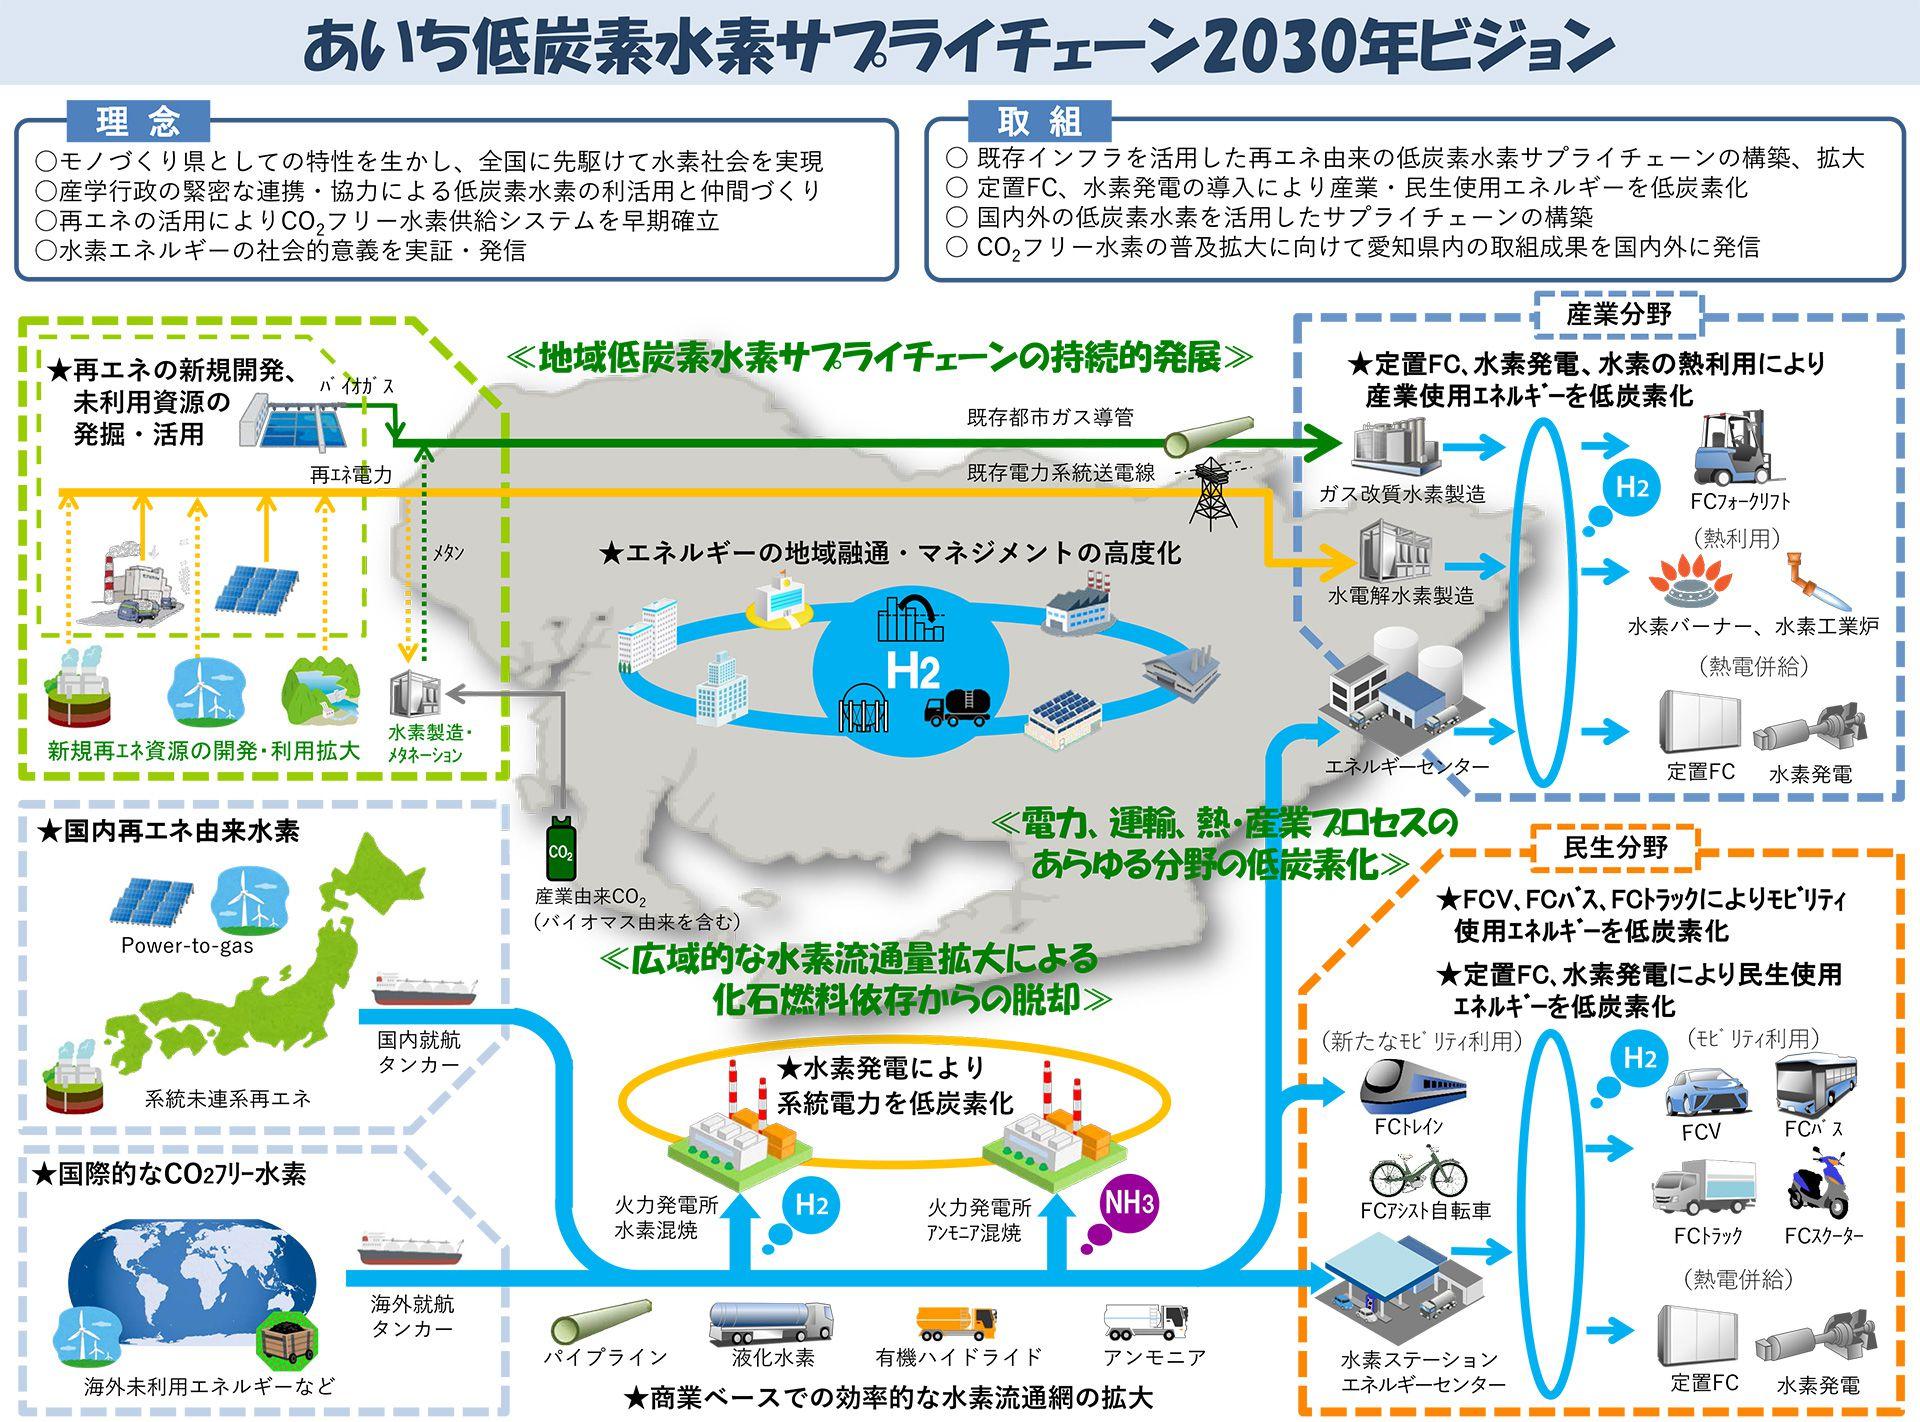 あいち低炭素水素サプライチェーン2030年ビジョン